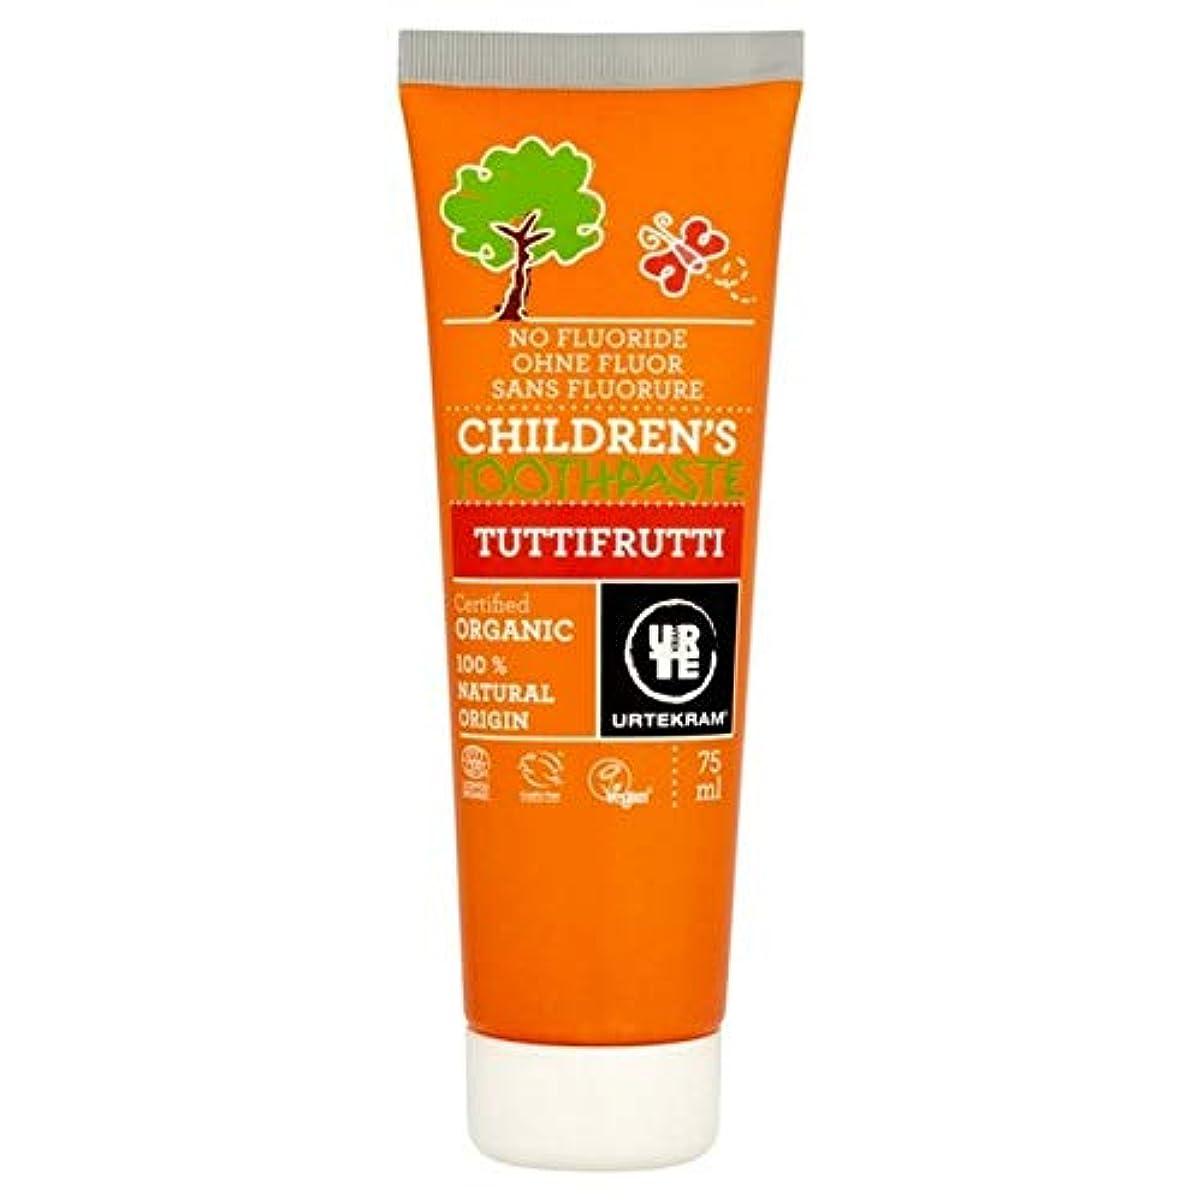 売上高加害者裁量[Urtekram] Urtekram子供のトゥッティフルッティの歯磨き粉75ミリリットル - Urtekram Children's Tutti Frutti Toothpaste 75ml [並行輸入品]